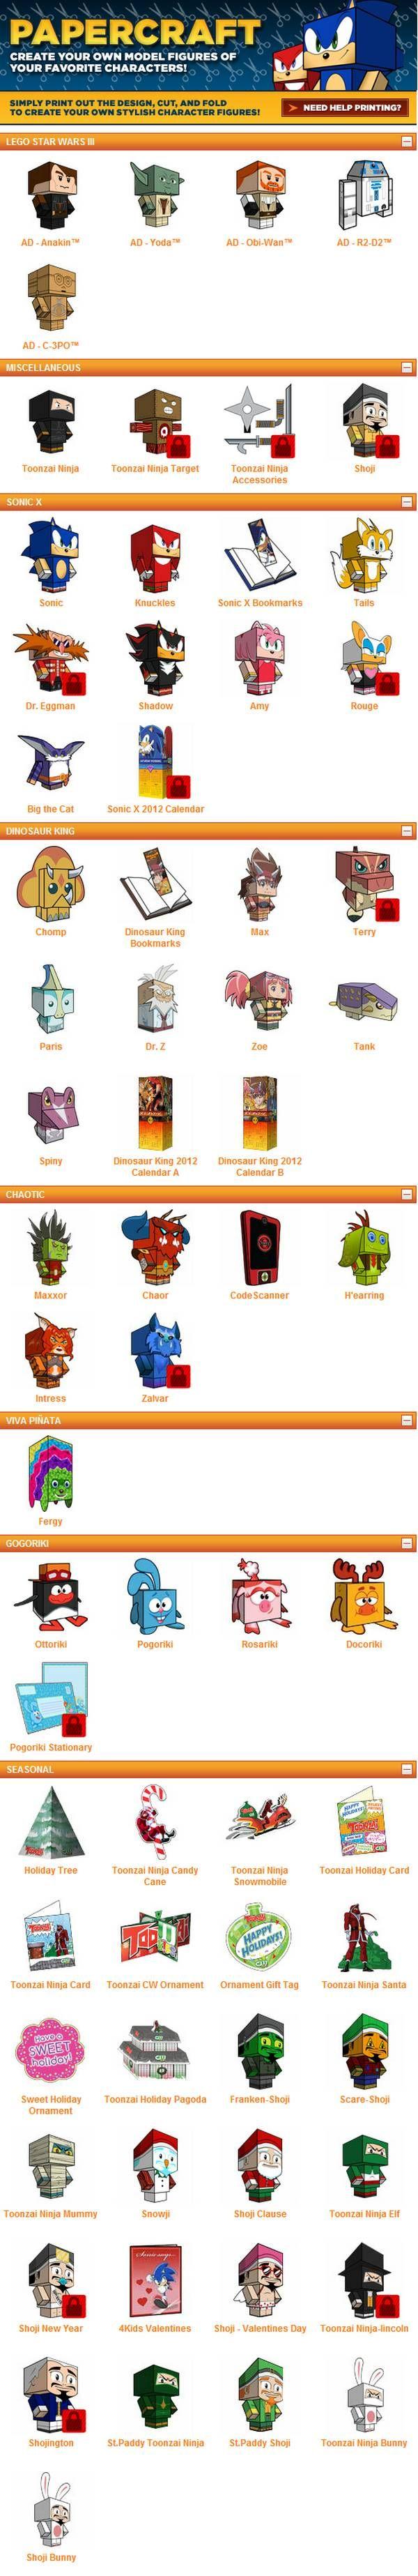 En 4Kids TV ofrecen docenas de modelos gratuitos del tipo cubeecraft que solo deben de imprimir, recortar y armar, sin necesidad de utilizar pegamento o cinta adhesiva. Ofrecen 5 personajes de Star Wars: Anakin, Master Yoda, Obi-Wan, R2-D2 y C-3PO. También ofrecen otros modelos como por ejemplo figuras de Sonic. Si bien no tienen instrucciones, son muy fáciles dearmarya que cada una de las partes tiene marcas (letras) para acoplarlas entre si. A continuación tienen una imagen con todos…